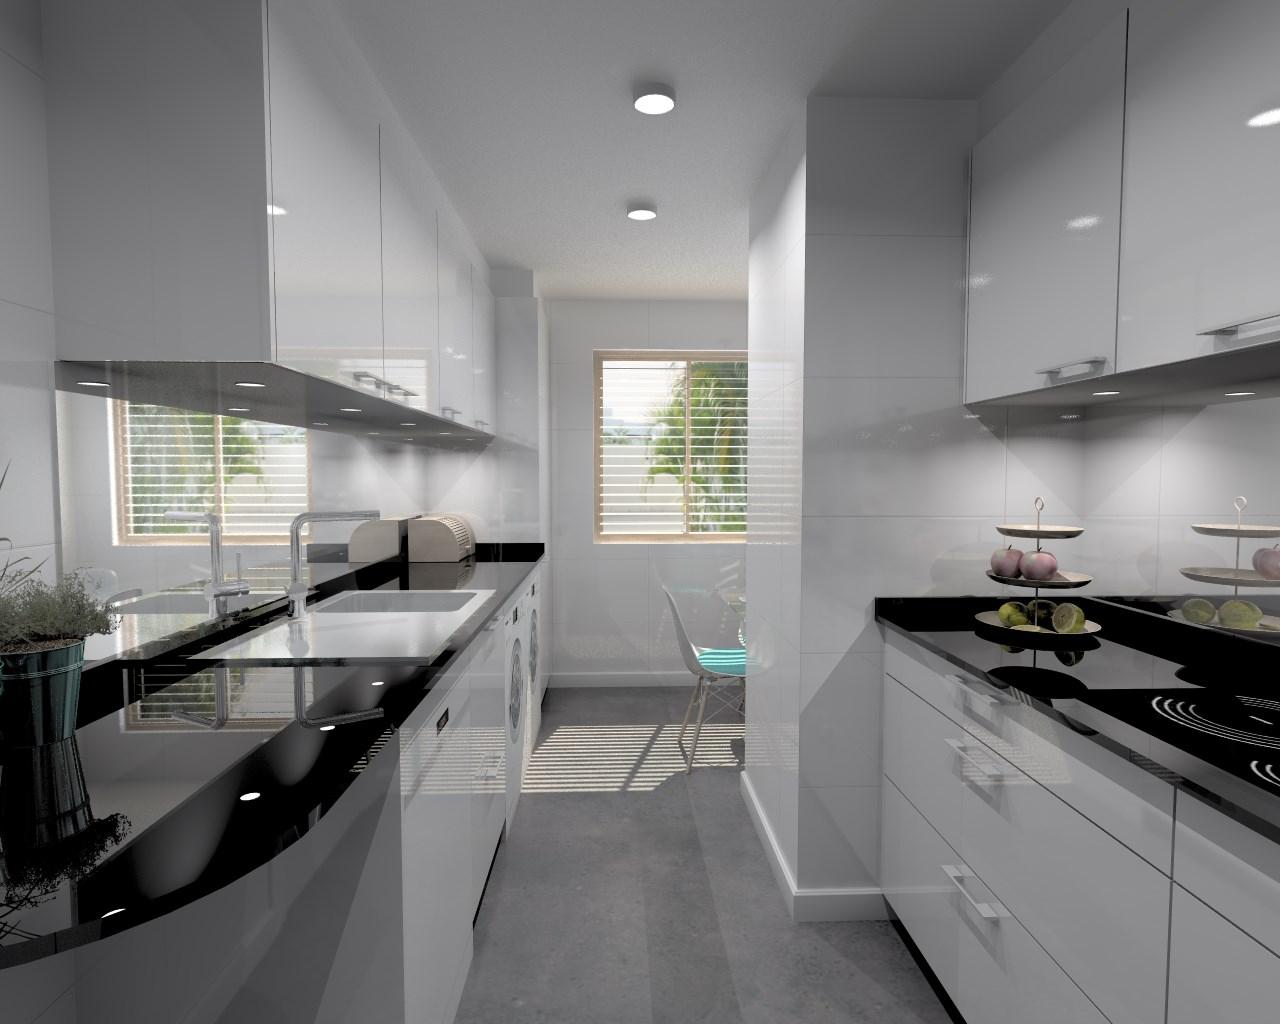 Aravaca cocina santos modelo plano laminado blanco brillo encimera granito sahara nights - Encimera cocina granito ...